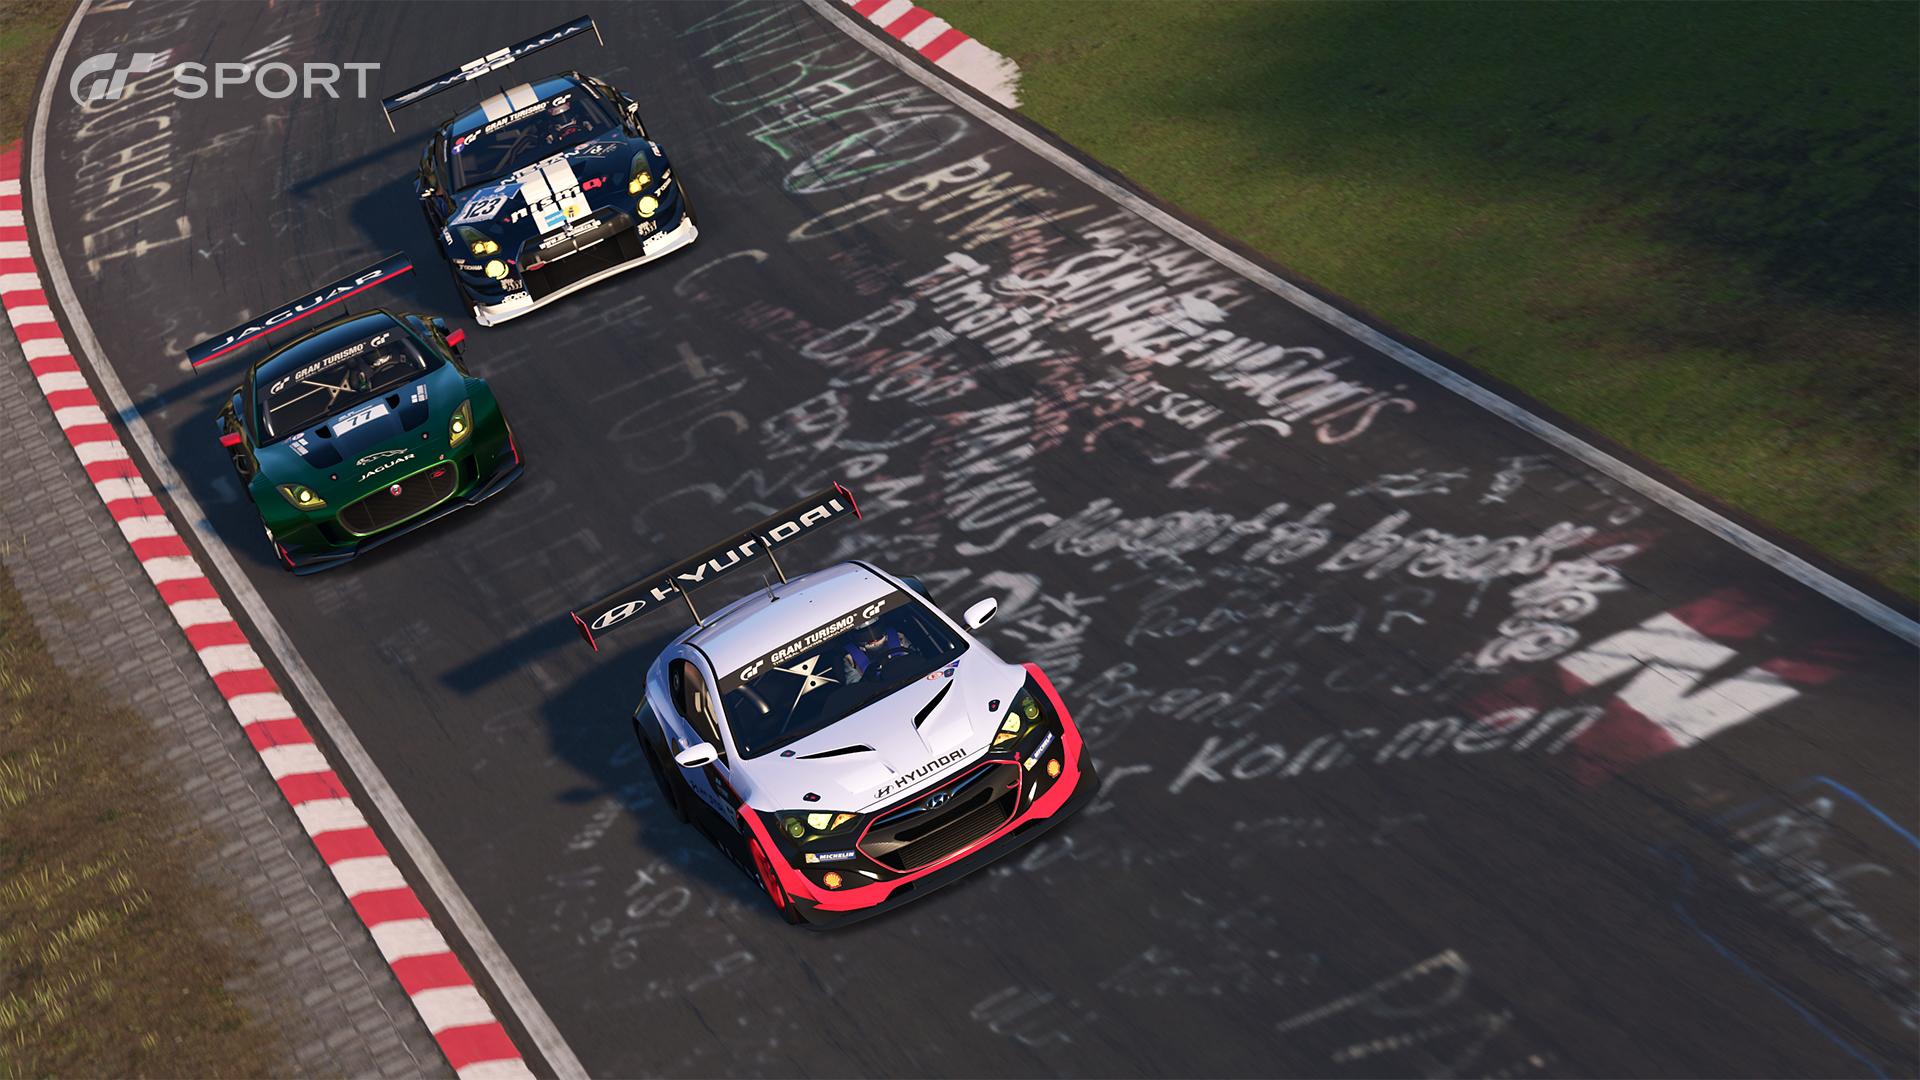 Gran Turismo Sport Confirma Soporte 4k Hdr Y Supersampling Para Su